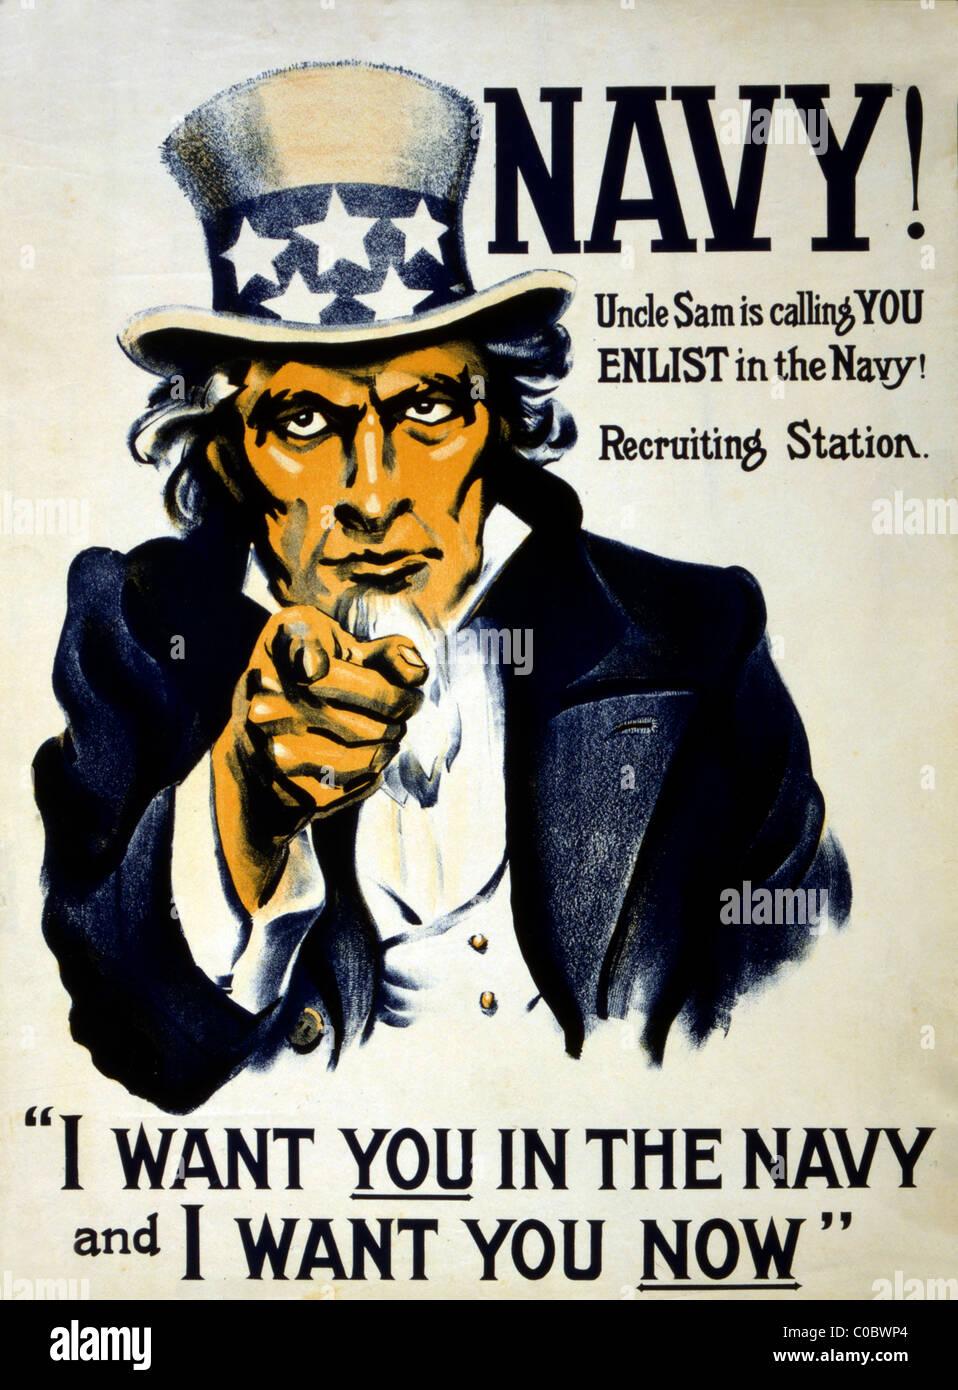 Oncle Sam affiche de recrutement pour la Marine américaine. Navy! L'Oncle Sam vous appelle--s'enrôler Photo Stock